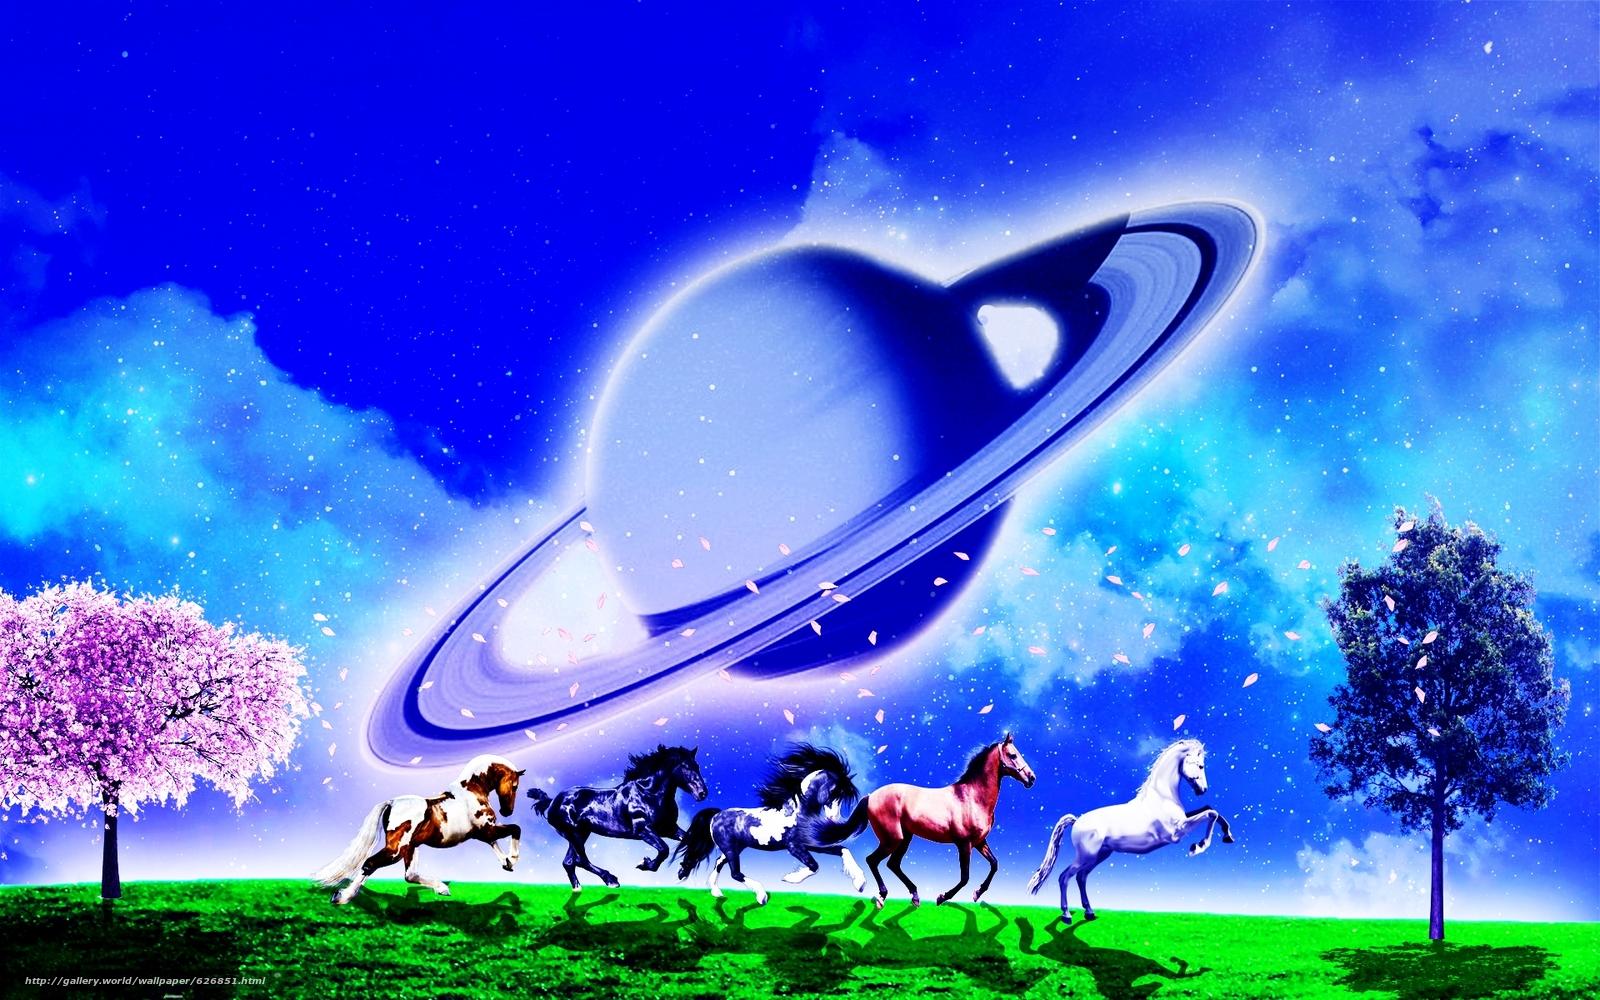 Скачать обои поле,  лошади,  деревья,  планета бесплатно для рабочего стола в разрешении 1920x1200 — картинка №626851